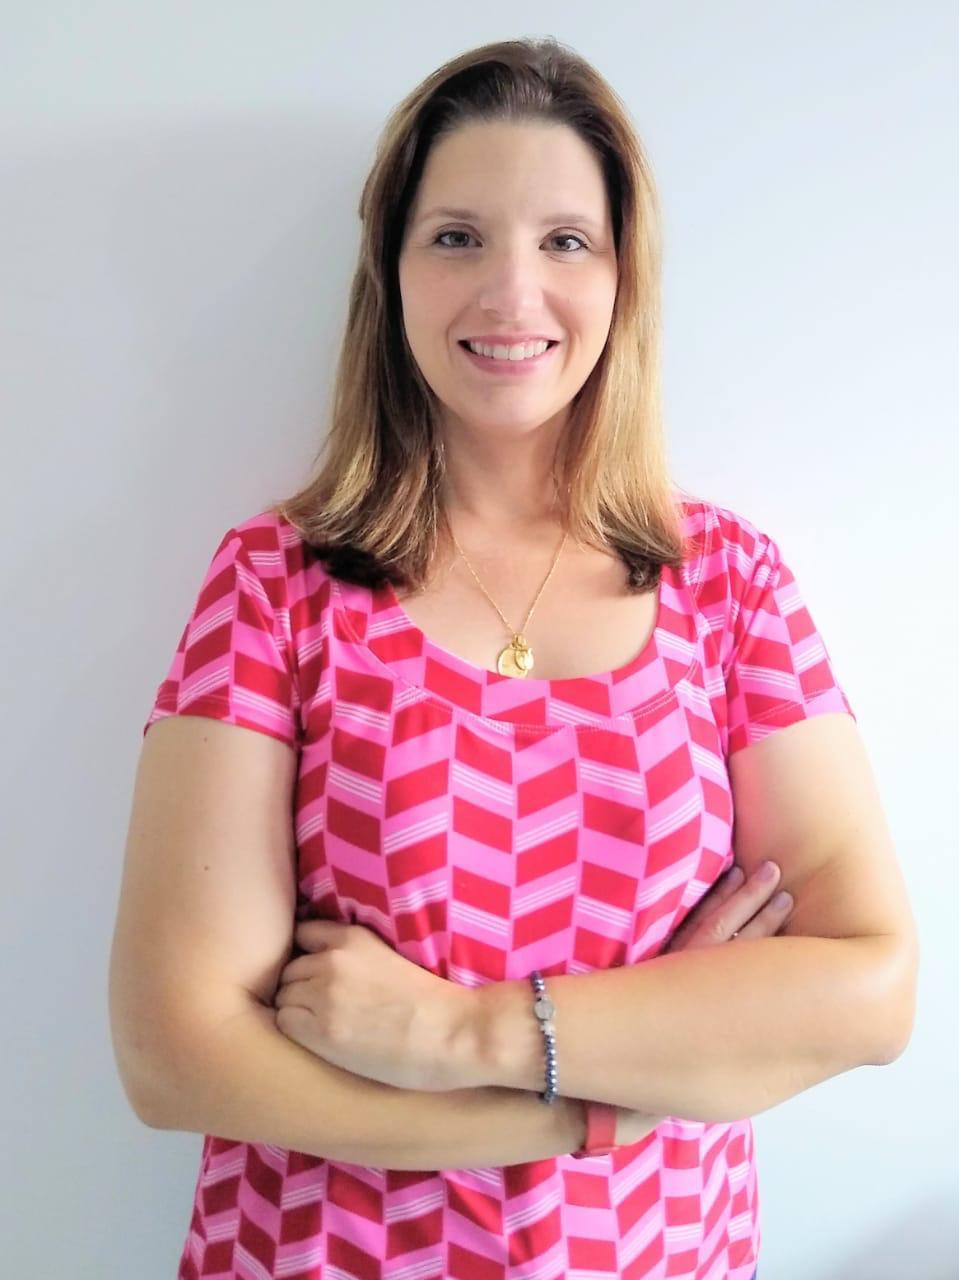 Veronica Cristina Gomes Soares